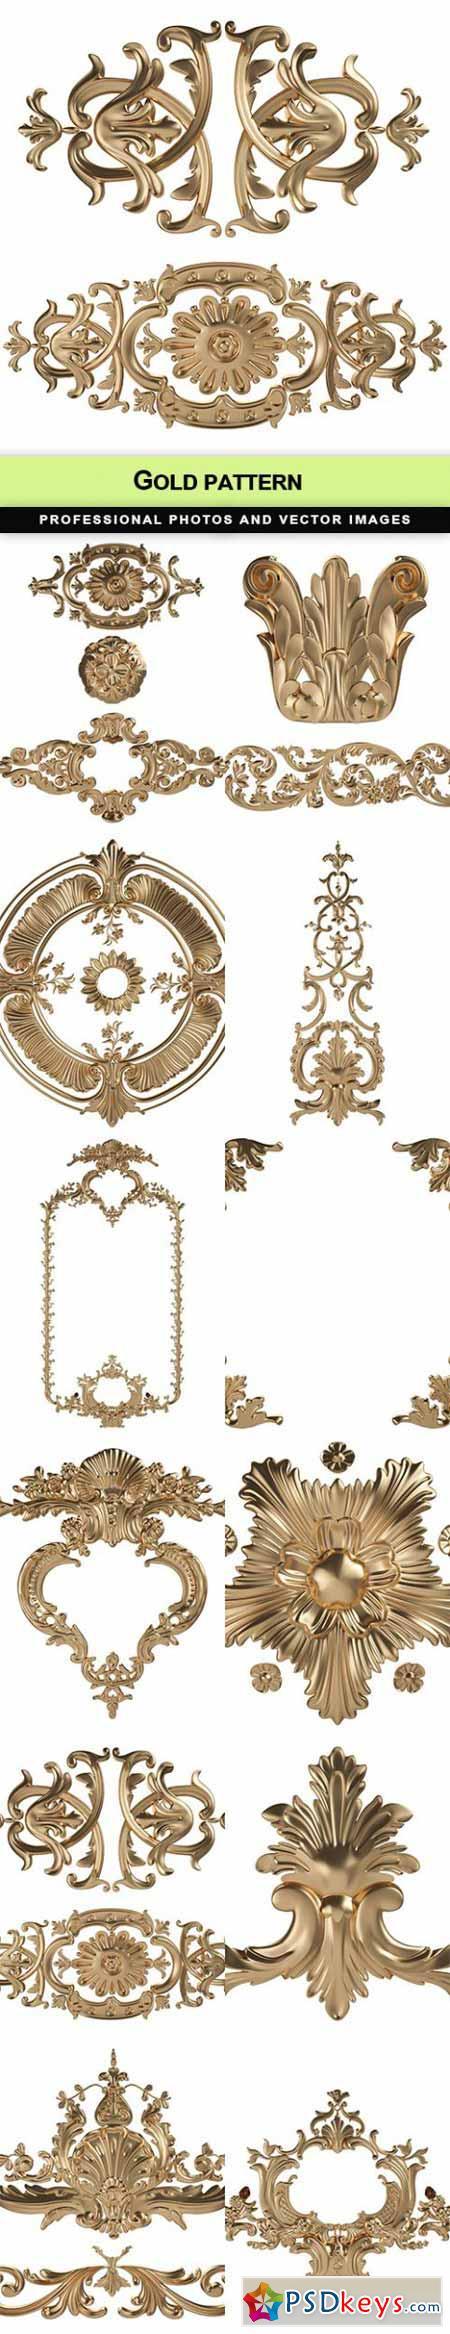 Gold pattern - 12 UHQ JPEG